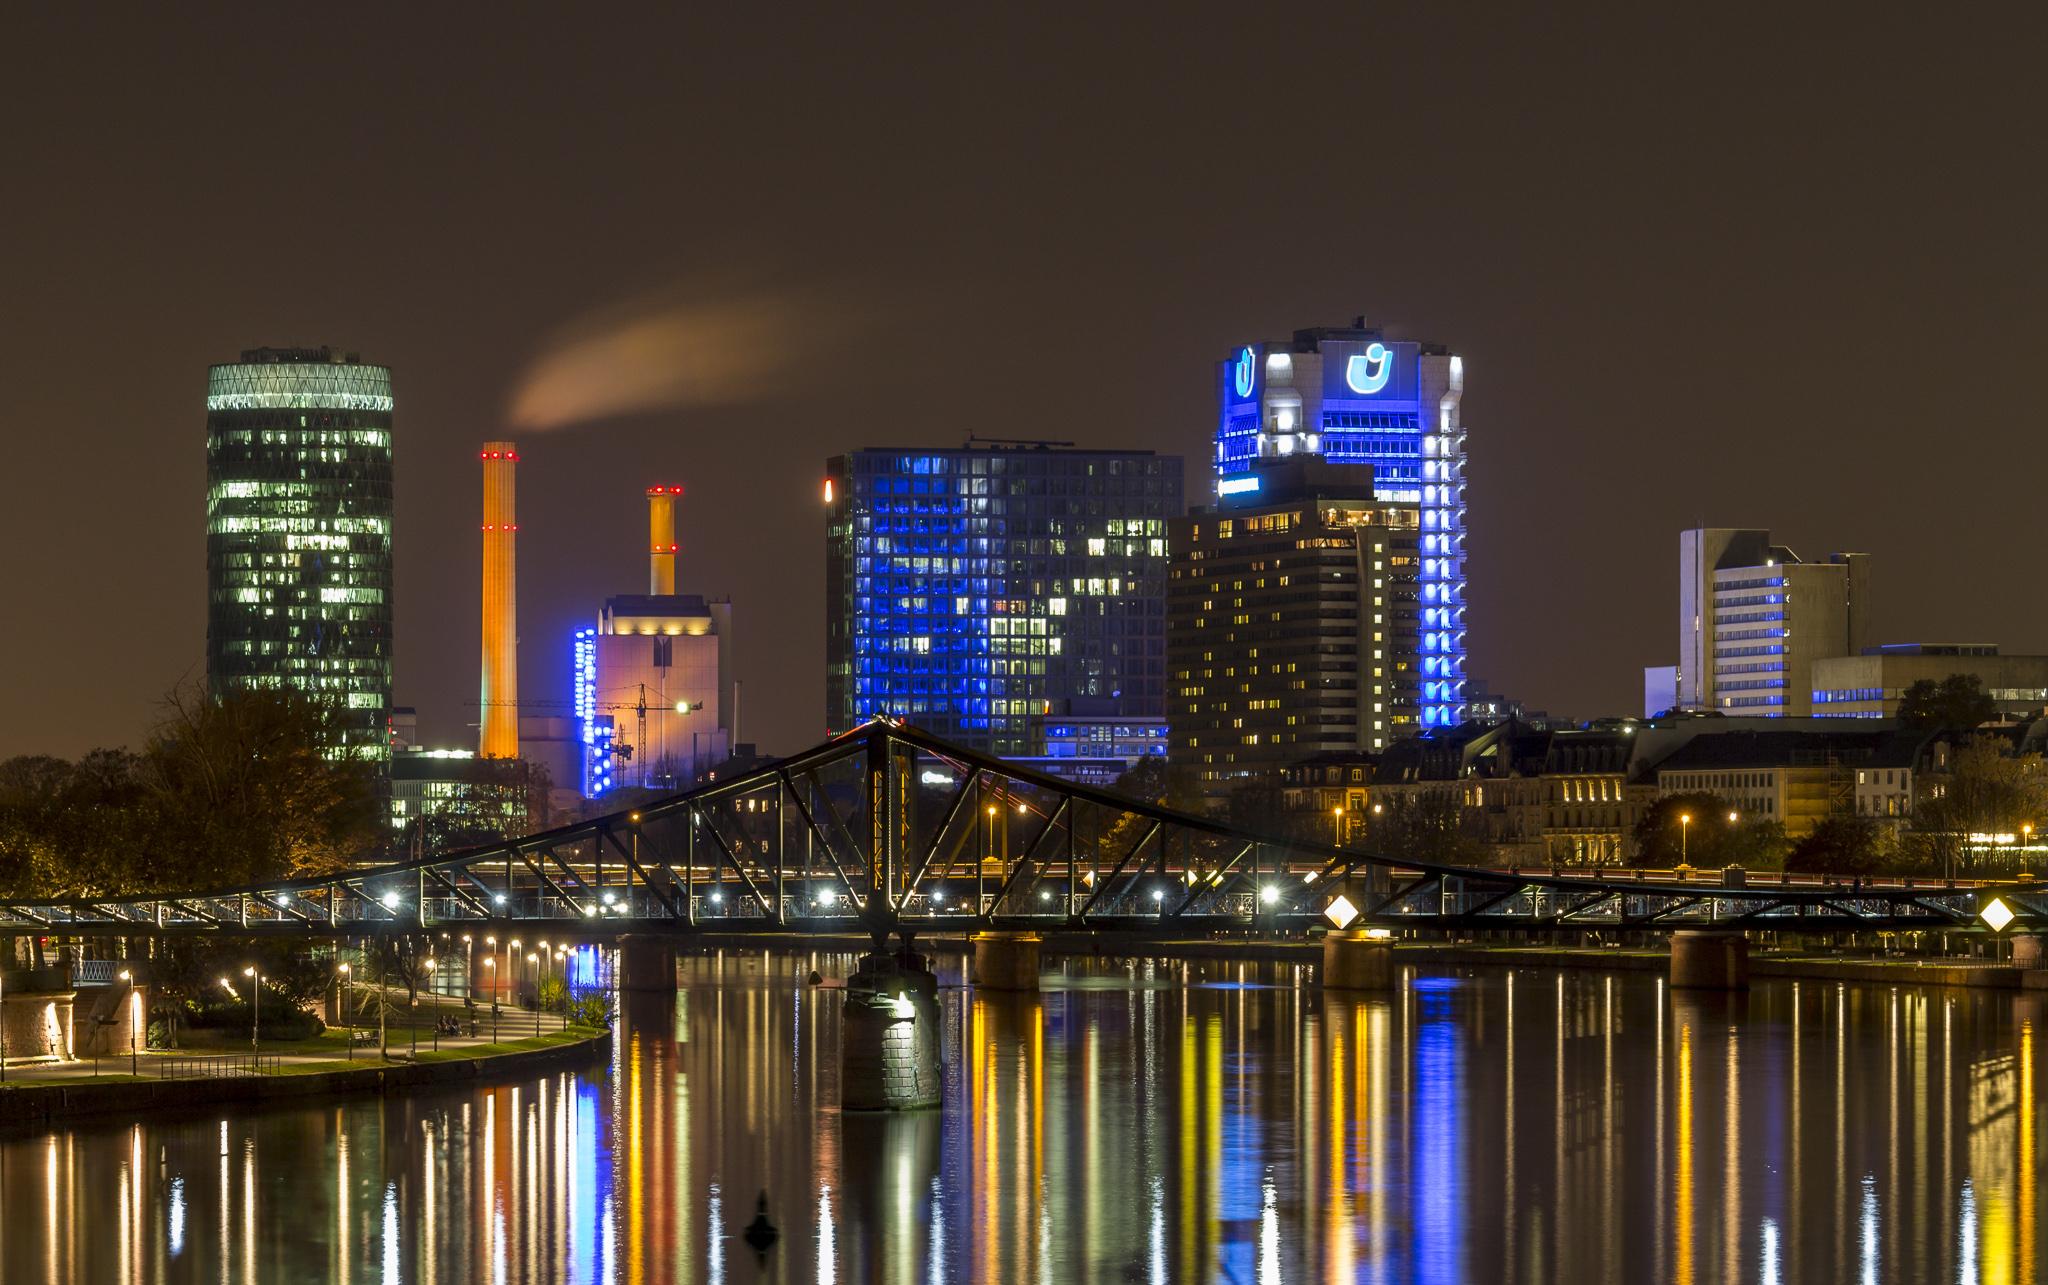 Φρανκφούρτη: Σταυροδρόμι της Ευρώπης και πύλη πολιτισμού